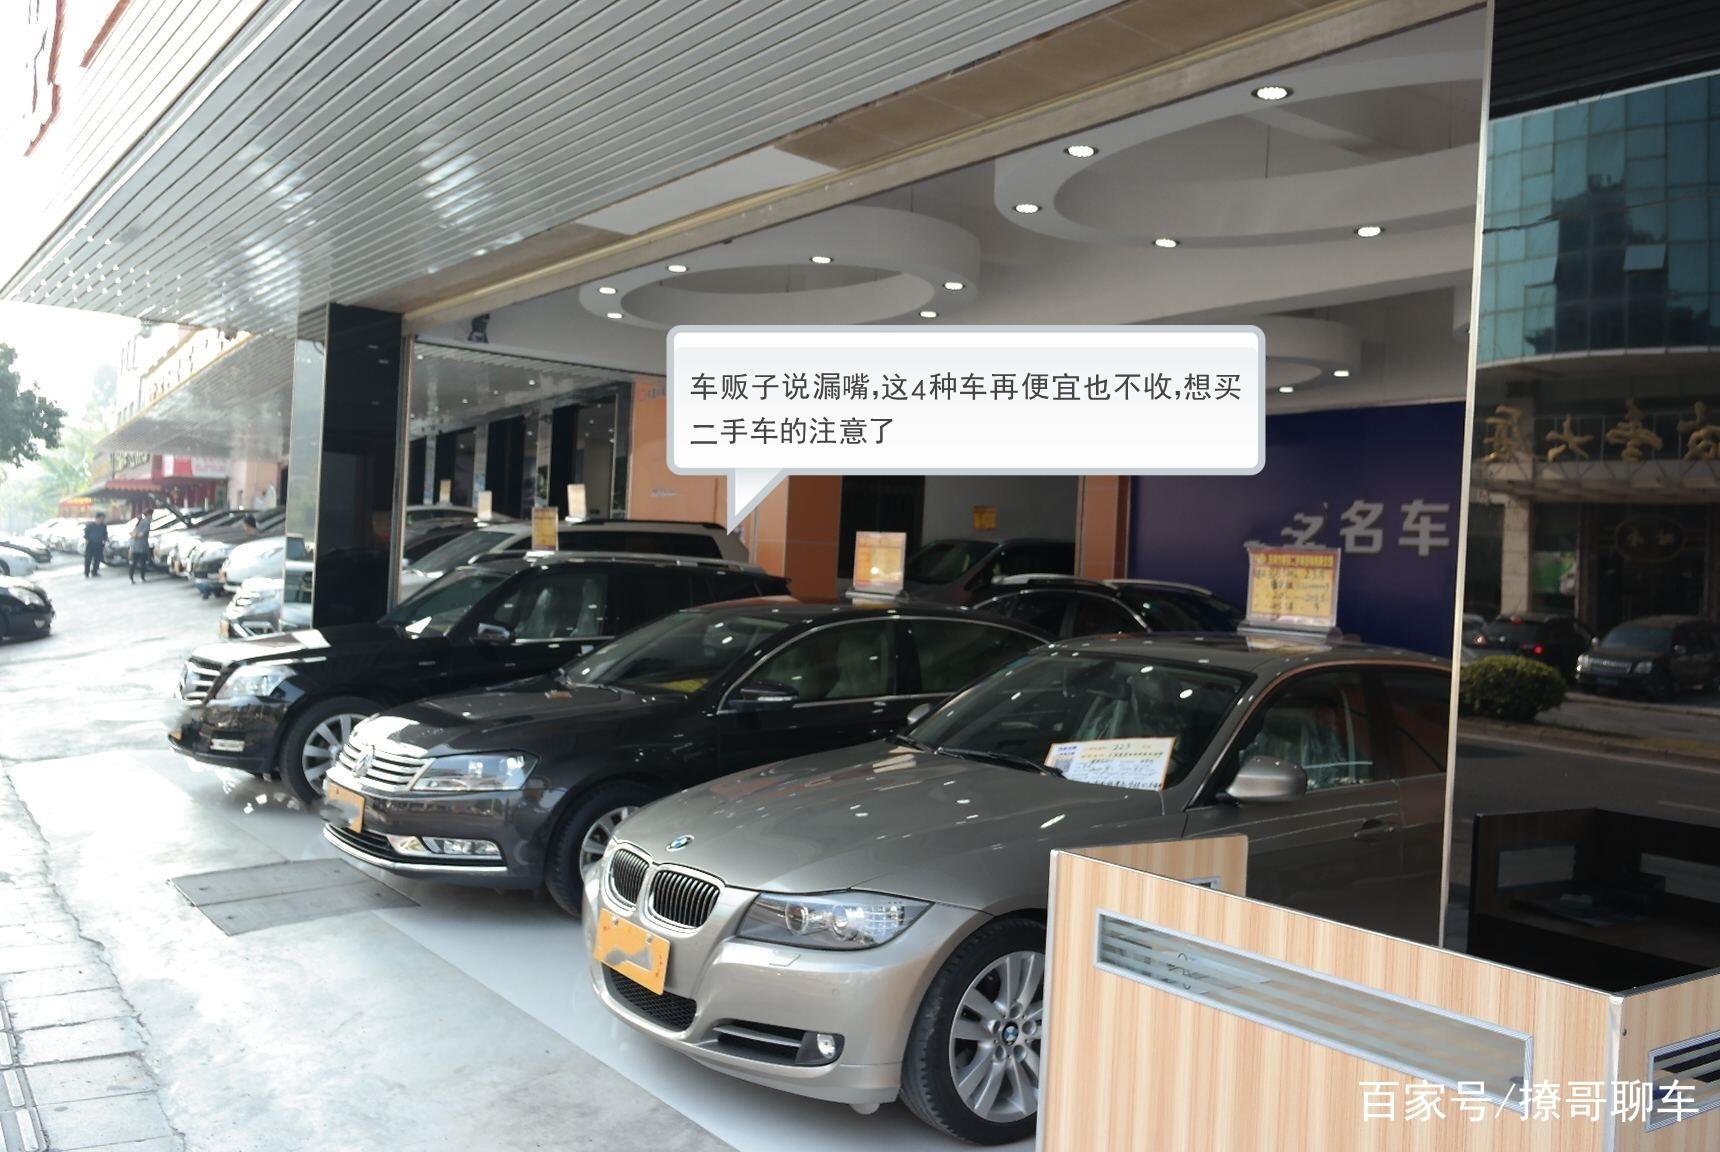 车贩子说漏嘴,这4种车再便宜也不收,想买二手车的注意了